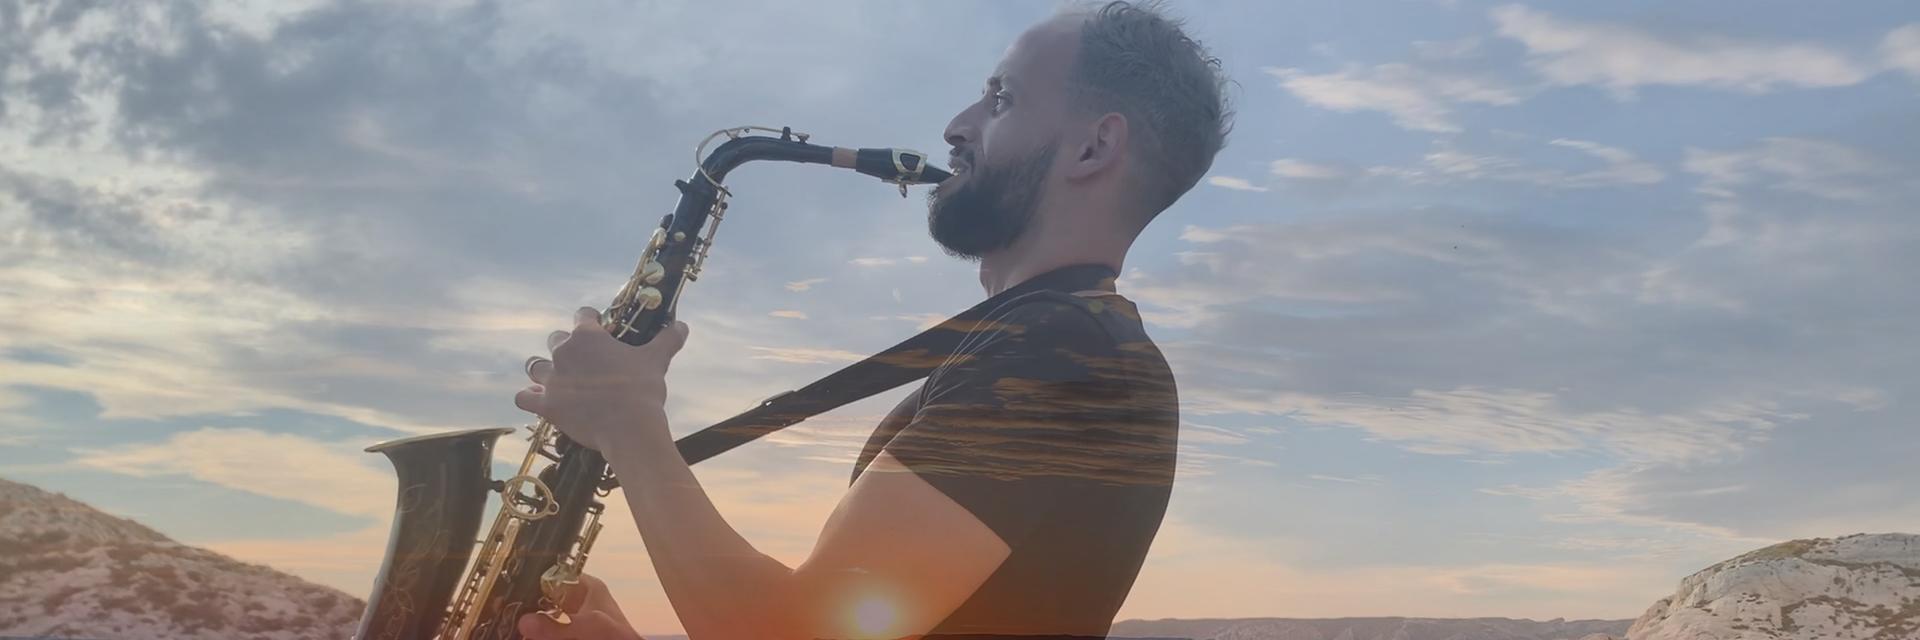 BledArt, musicien Guitariste en représentation à Bouches du Rhône - photo de couverture